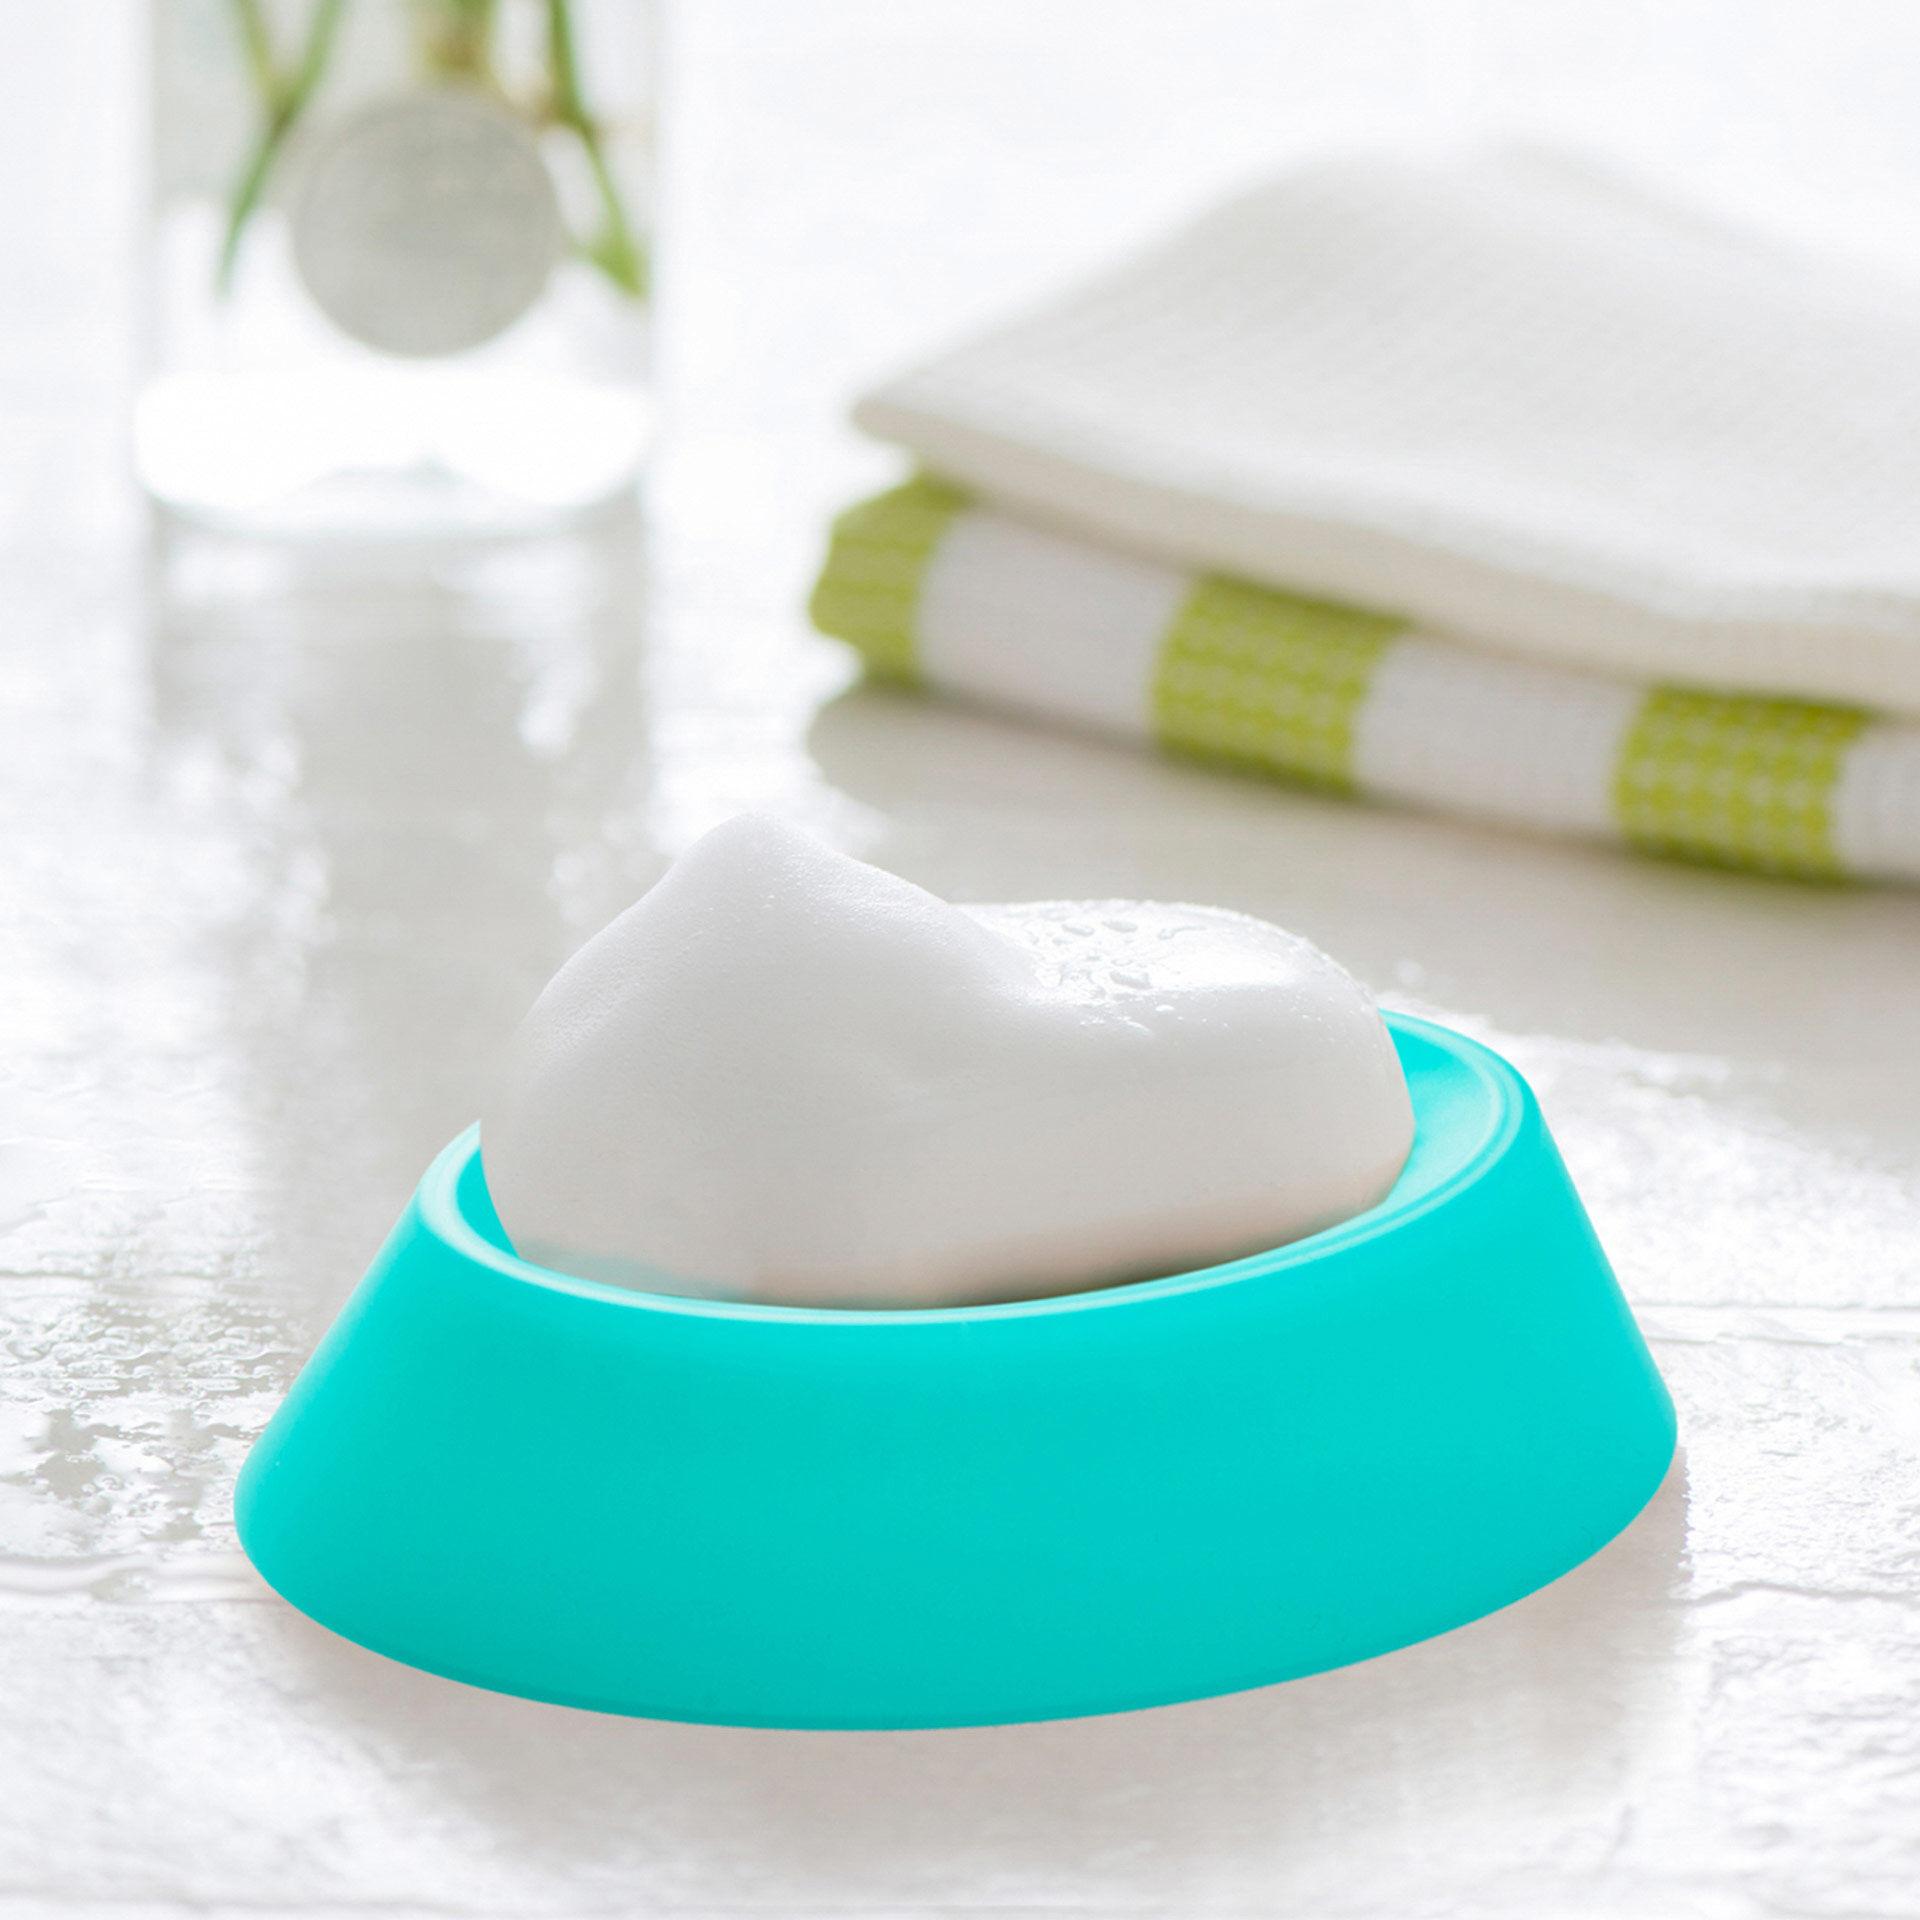 Porte-savon et brosse pour le nettoyage de la salle de bain, , large